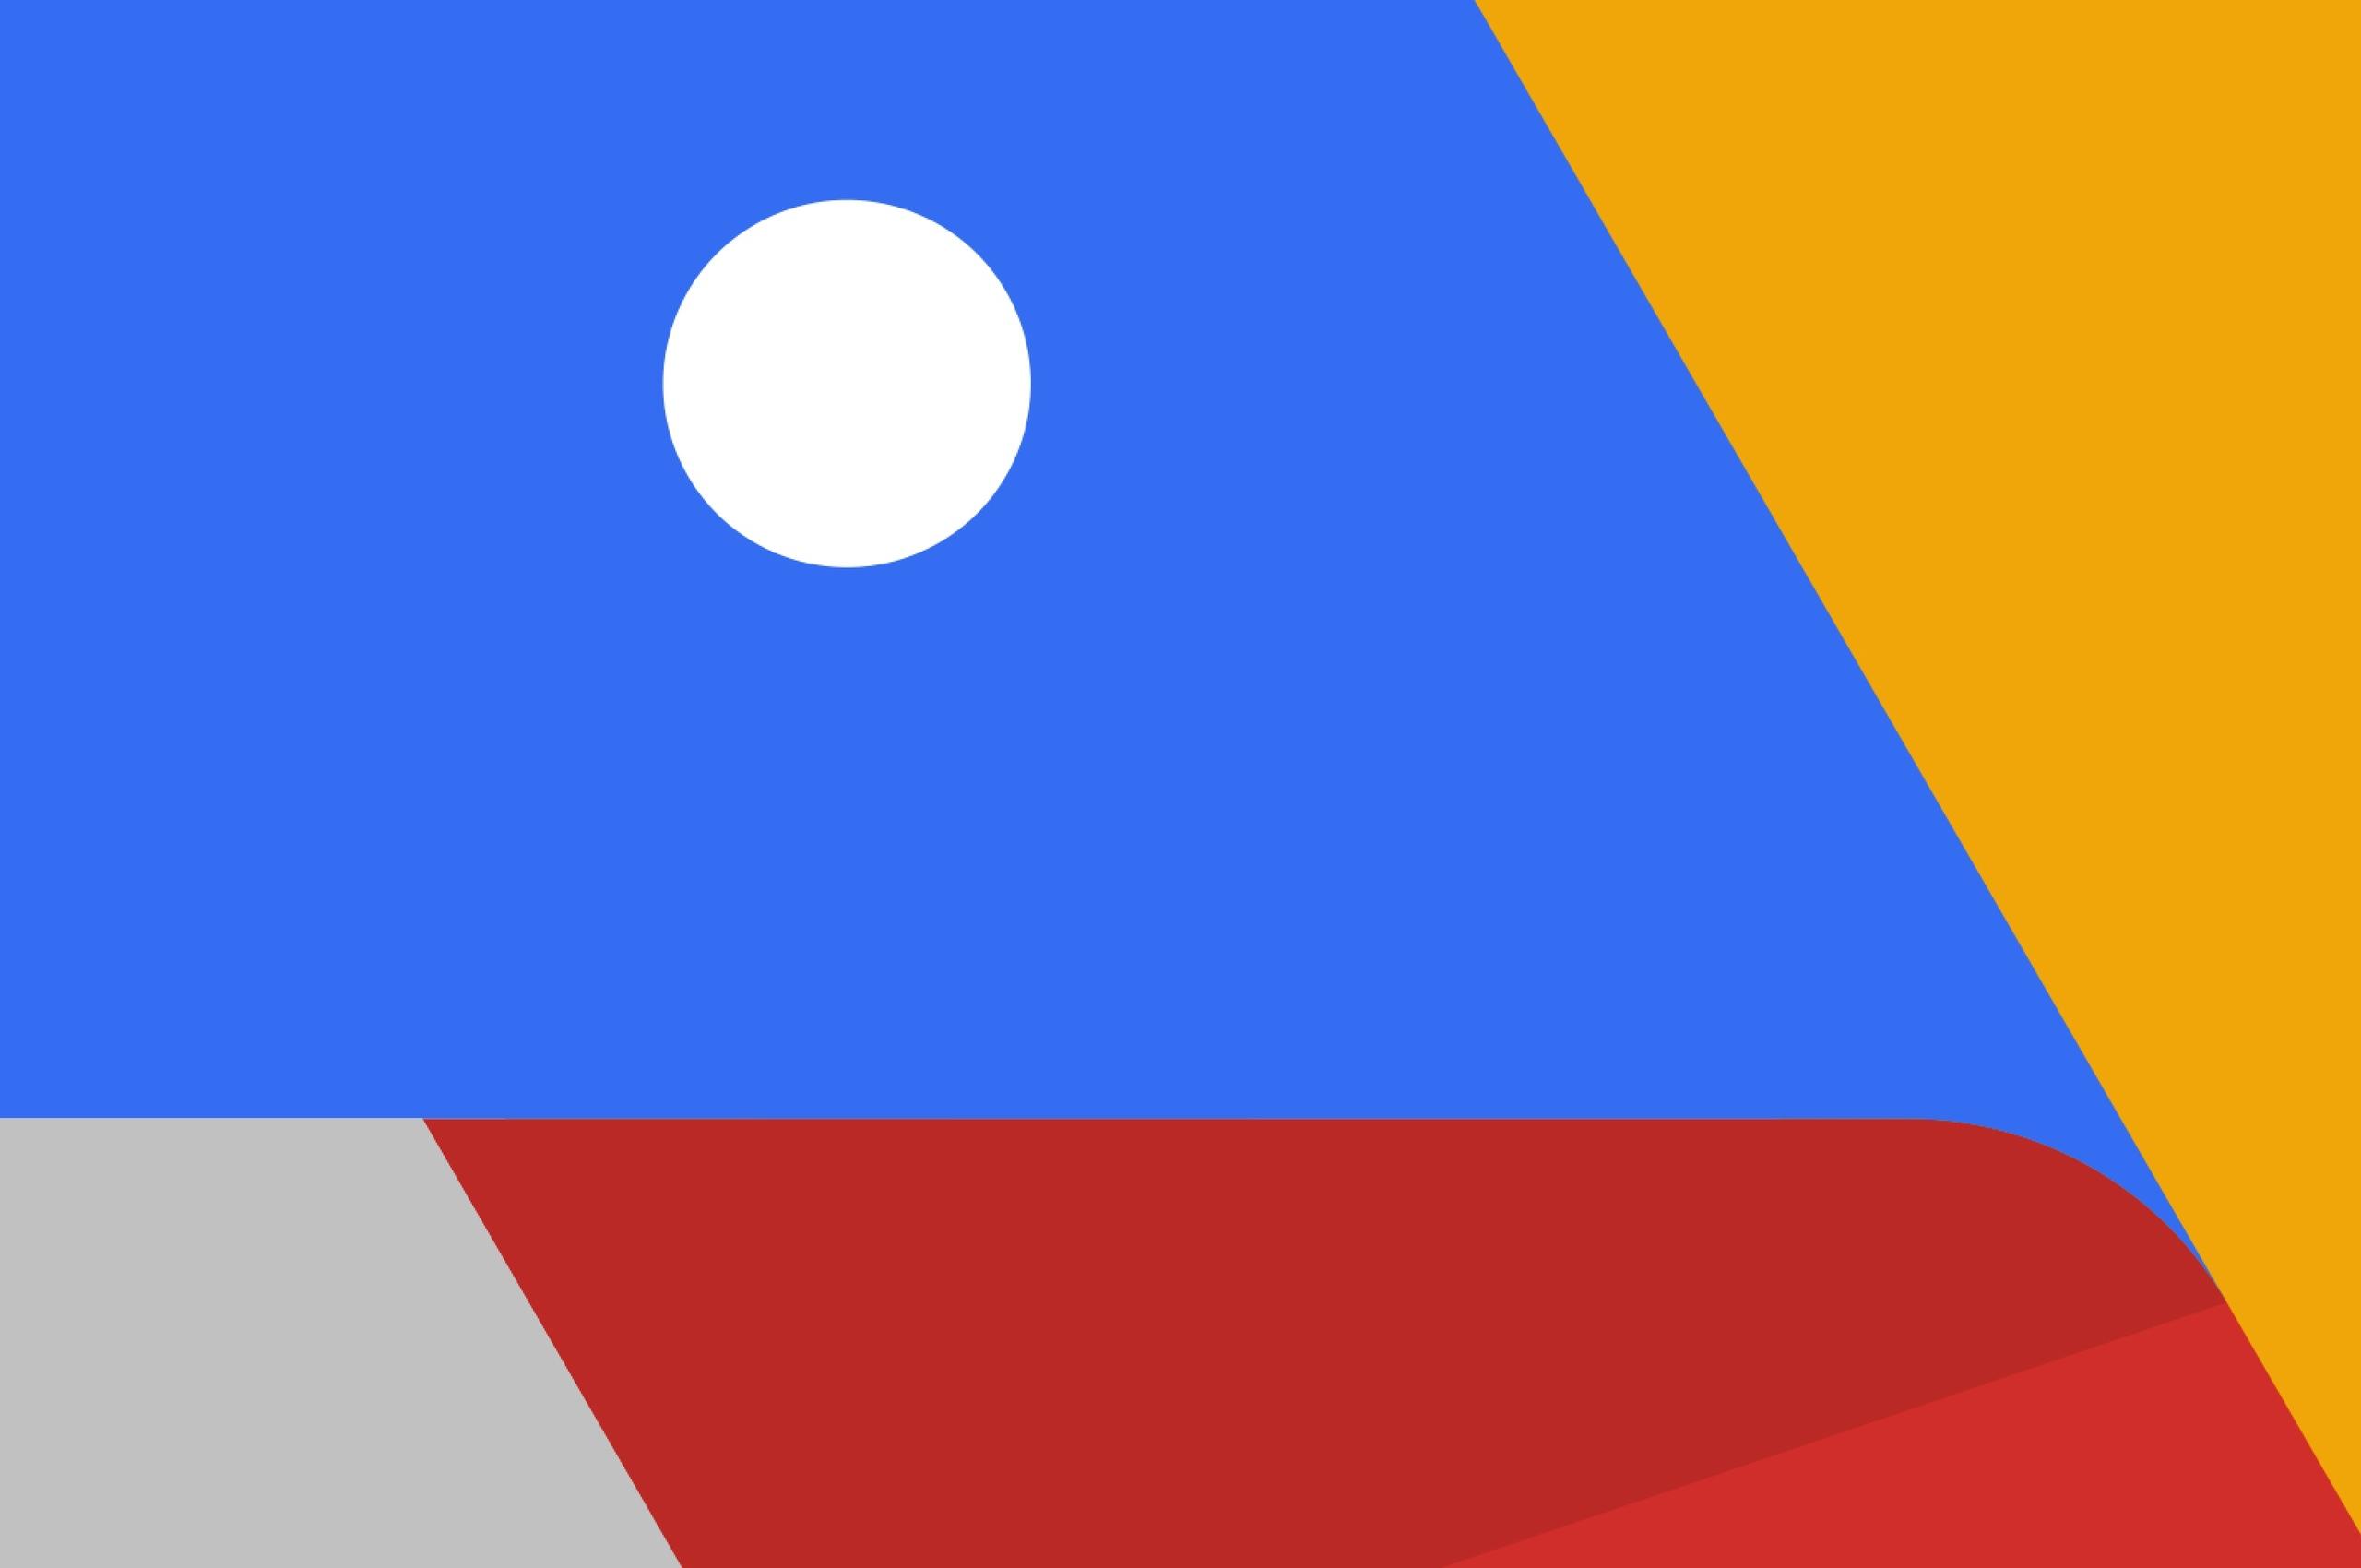 2560x1700 Google Cloud Logo 4k Chromebook Pixel HD 4k